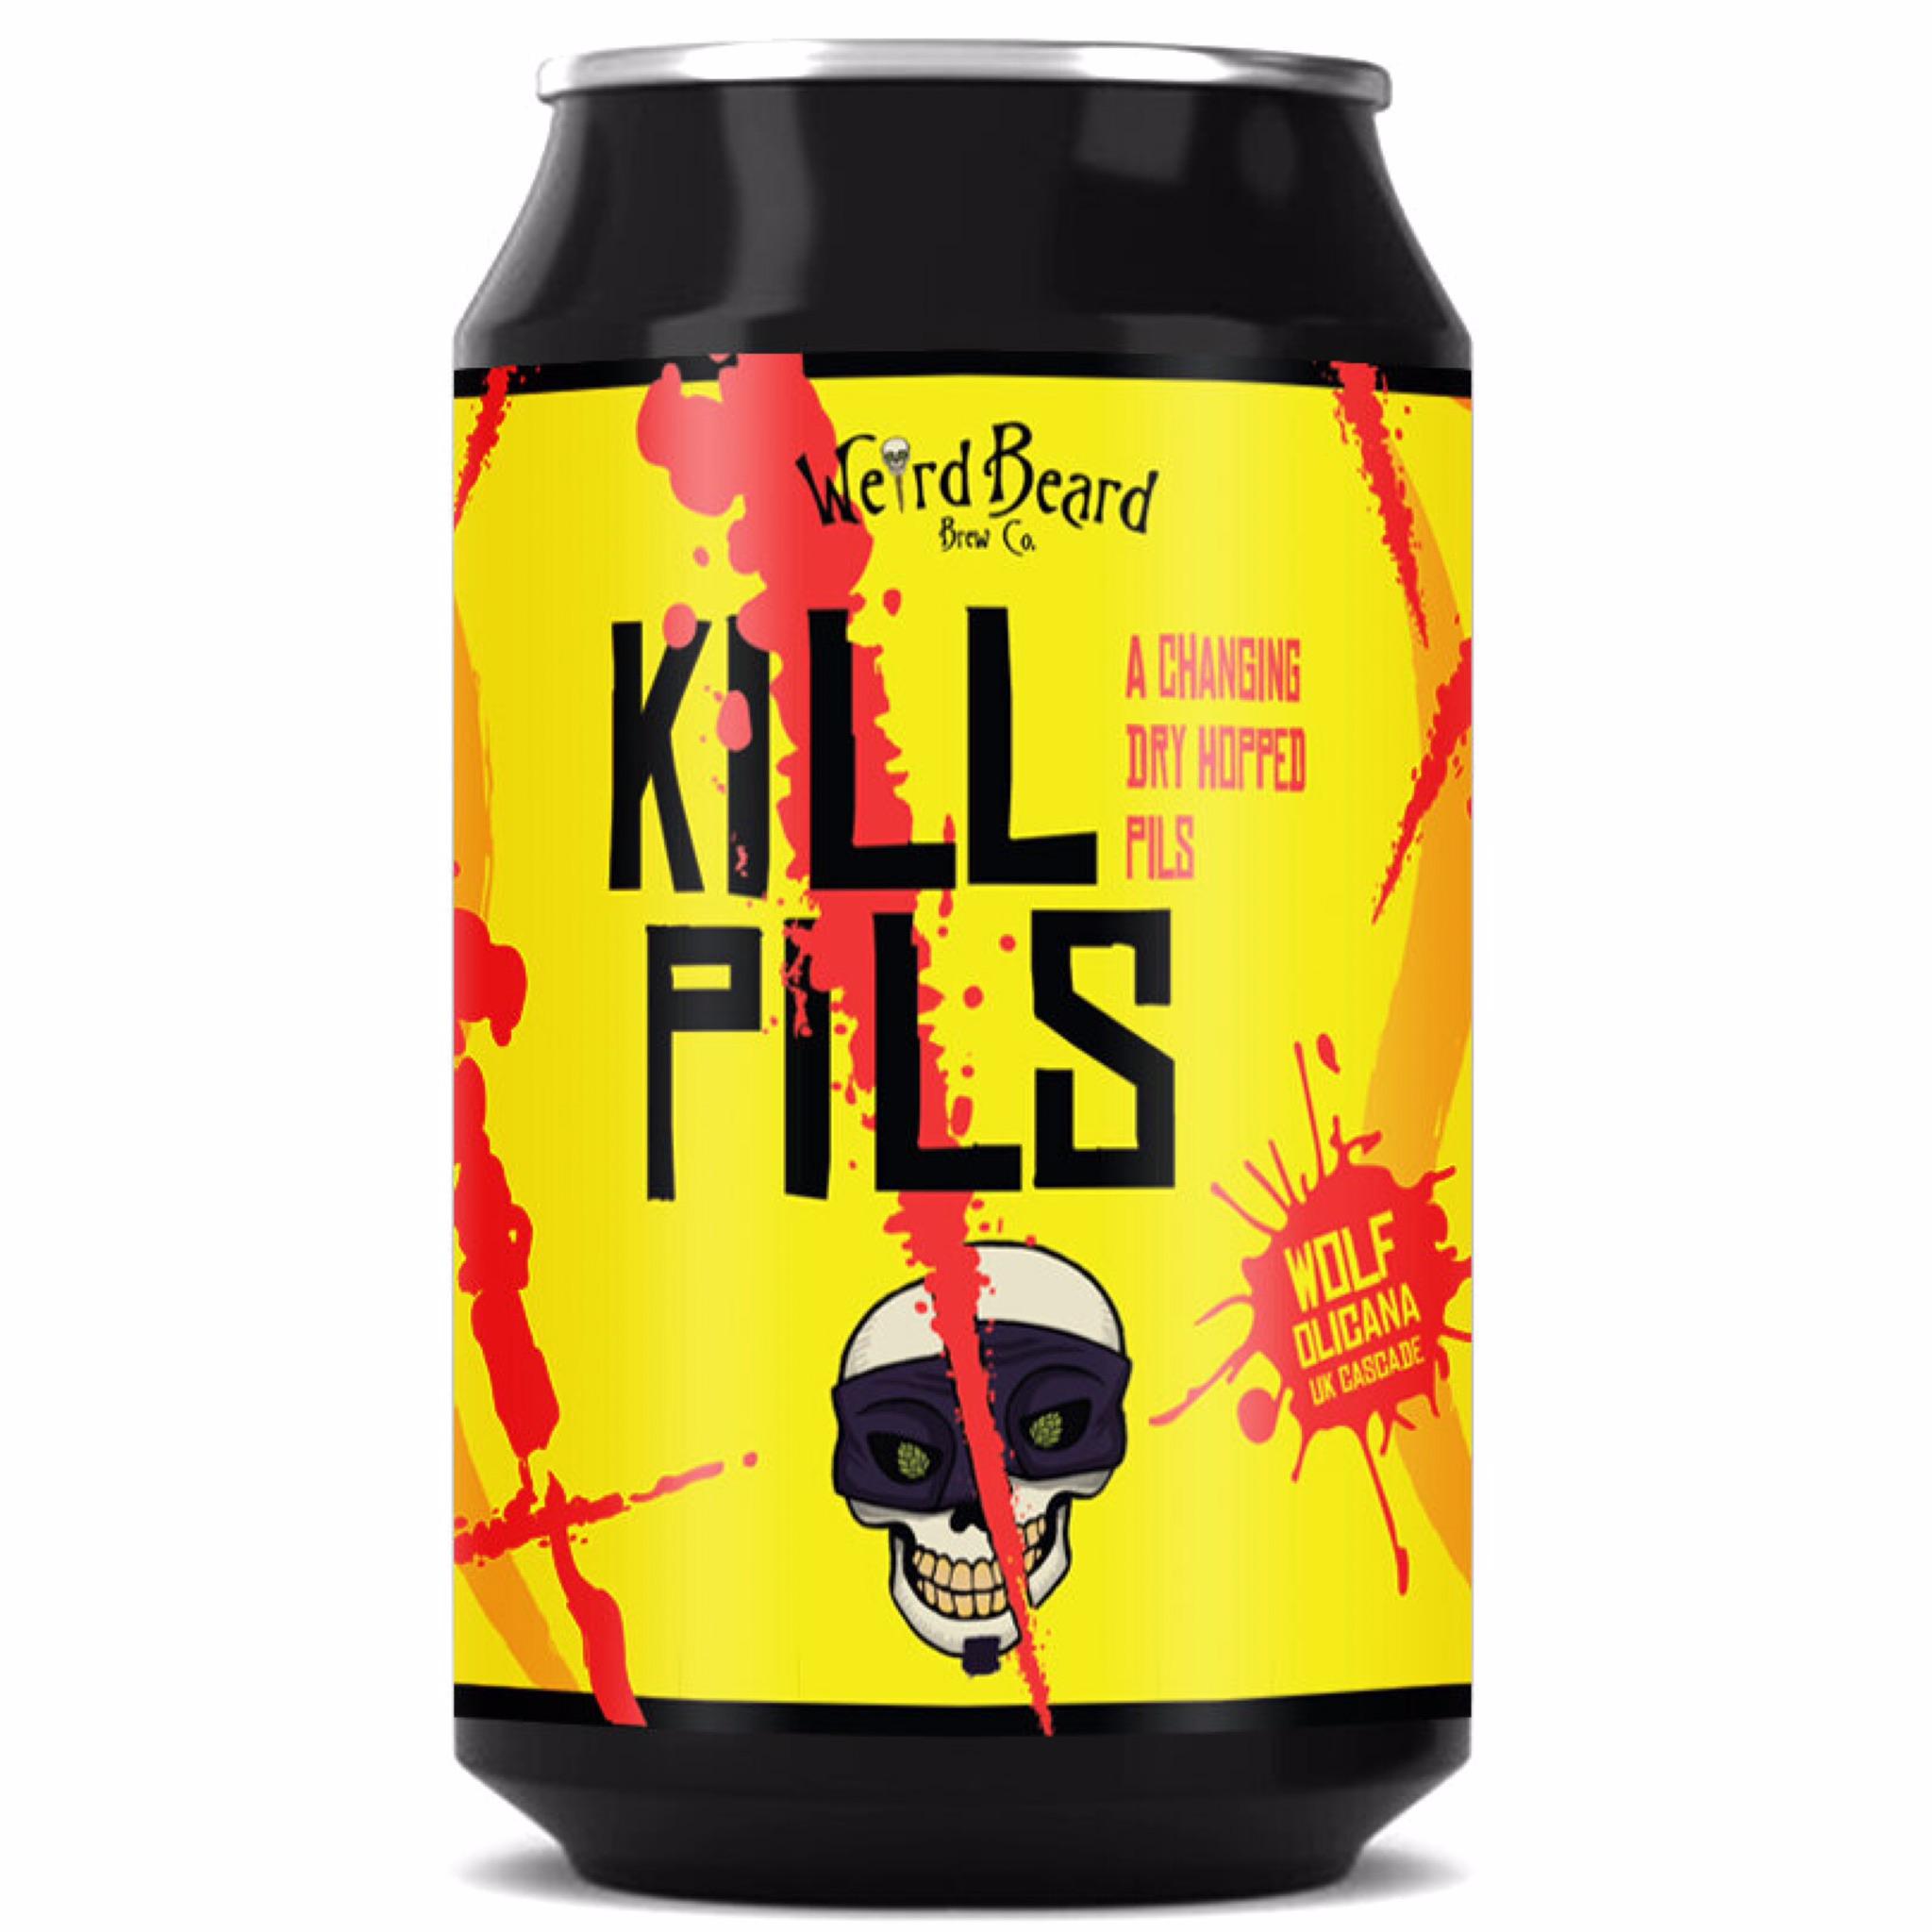 Kill Pils 5% 330ml Weird Beard Brew Co